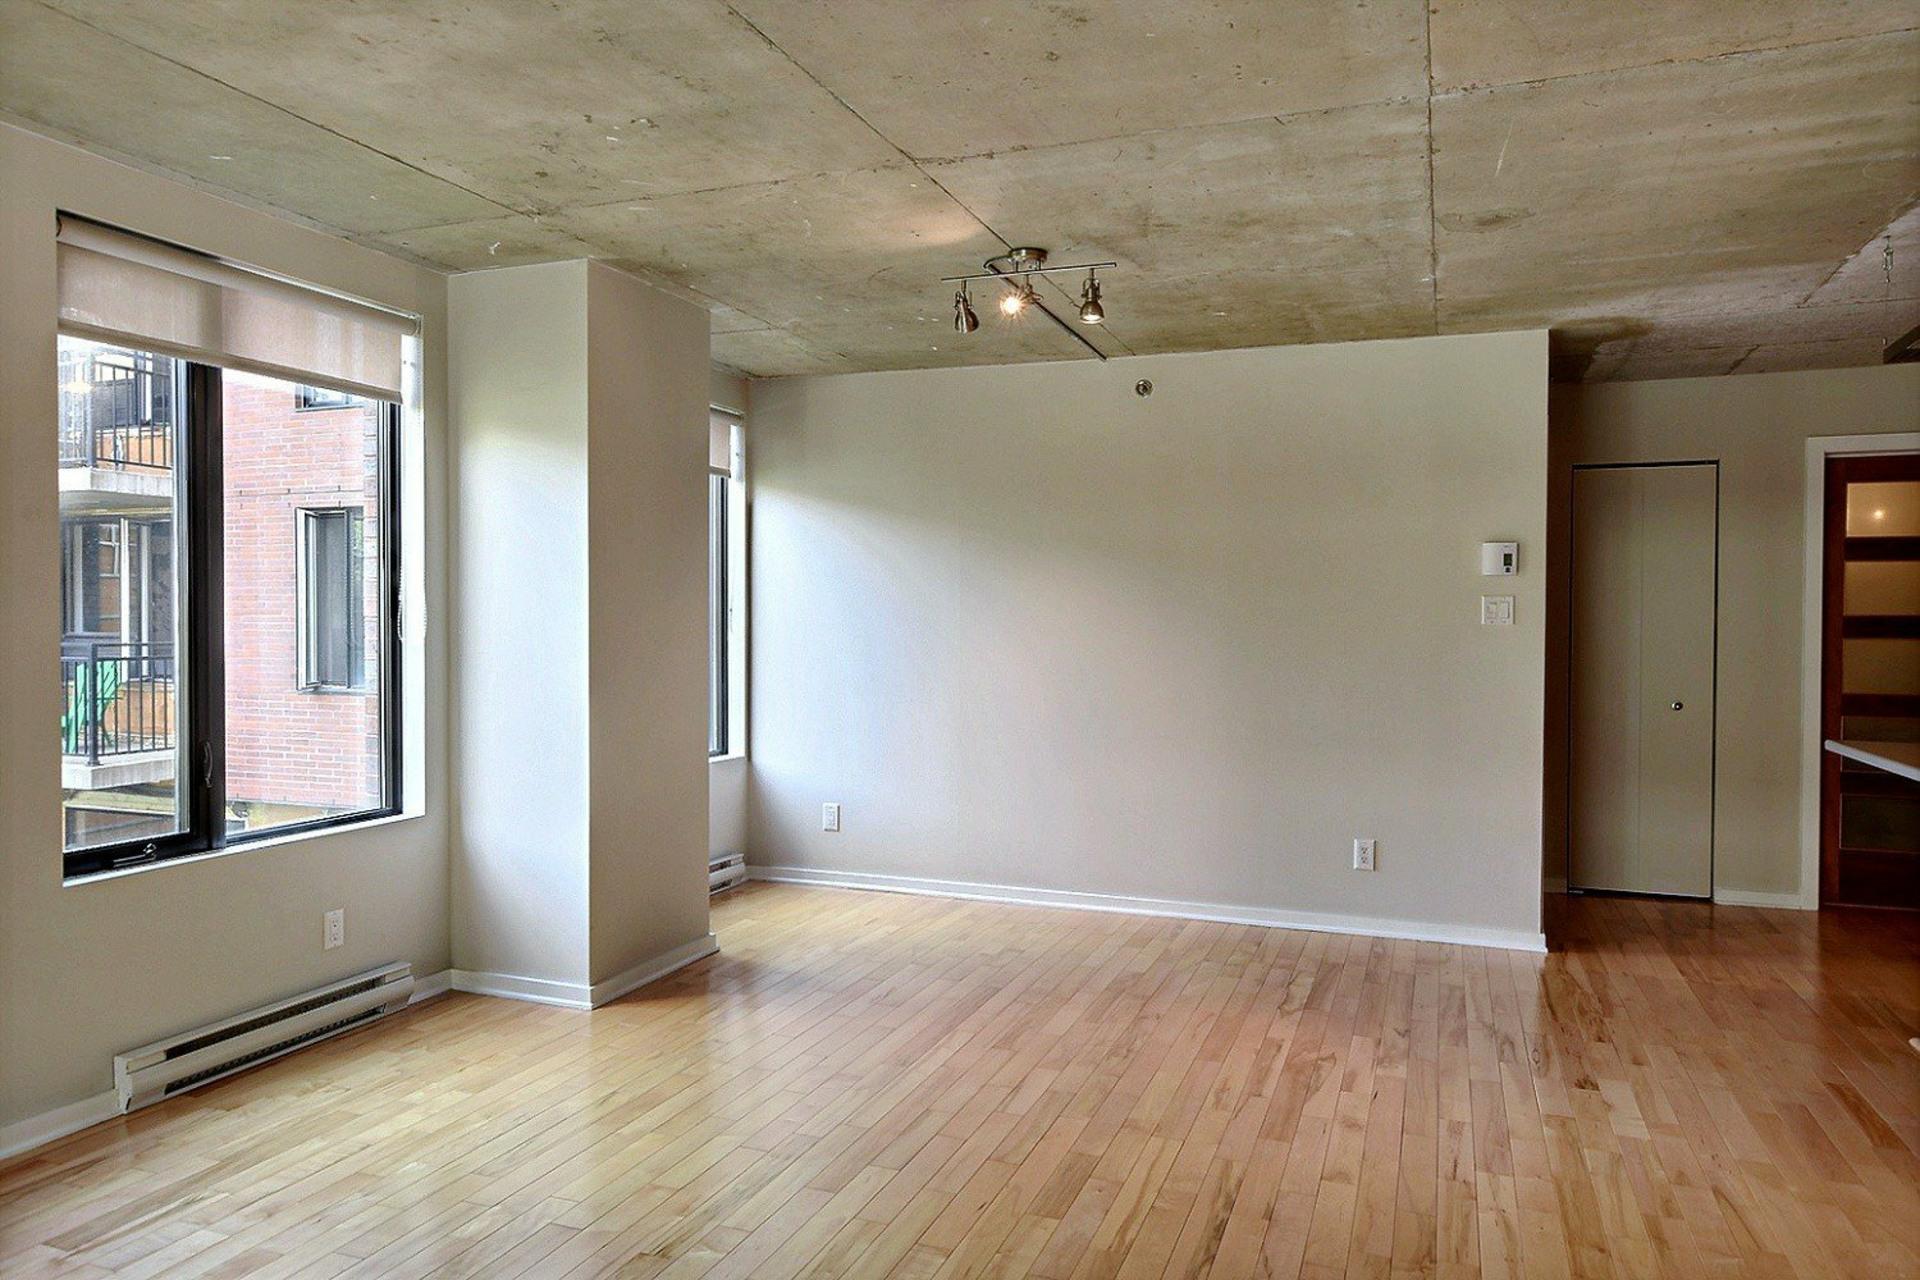 image 3 - Appartement À louer Ville-Marie Montréal  - 6 pièces